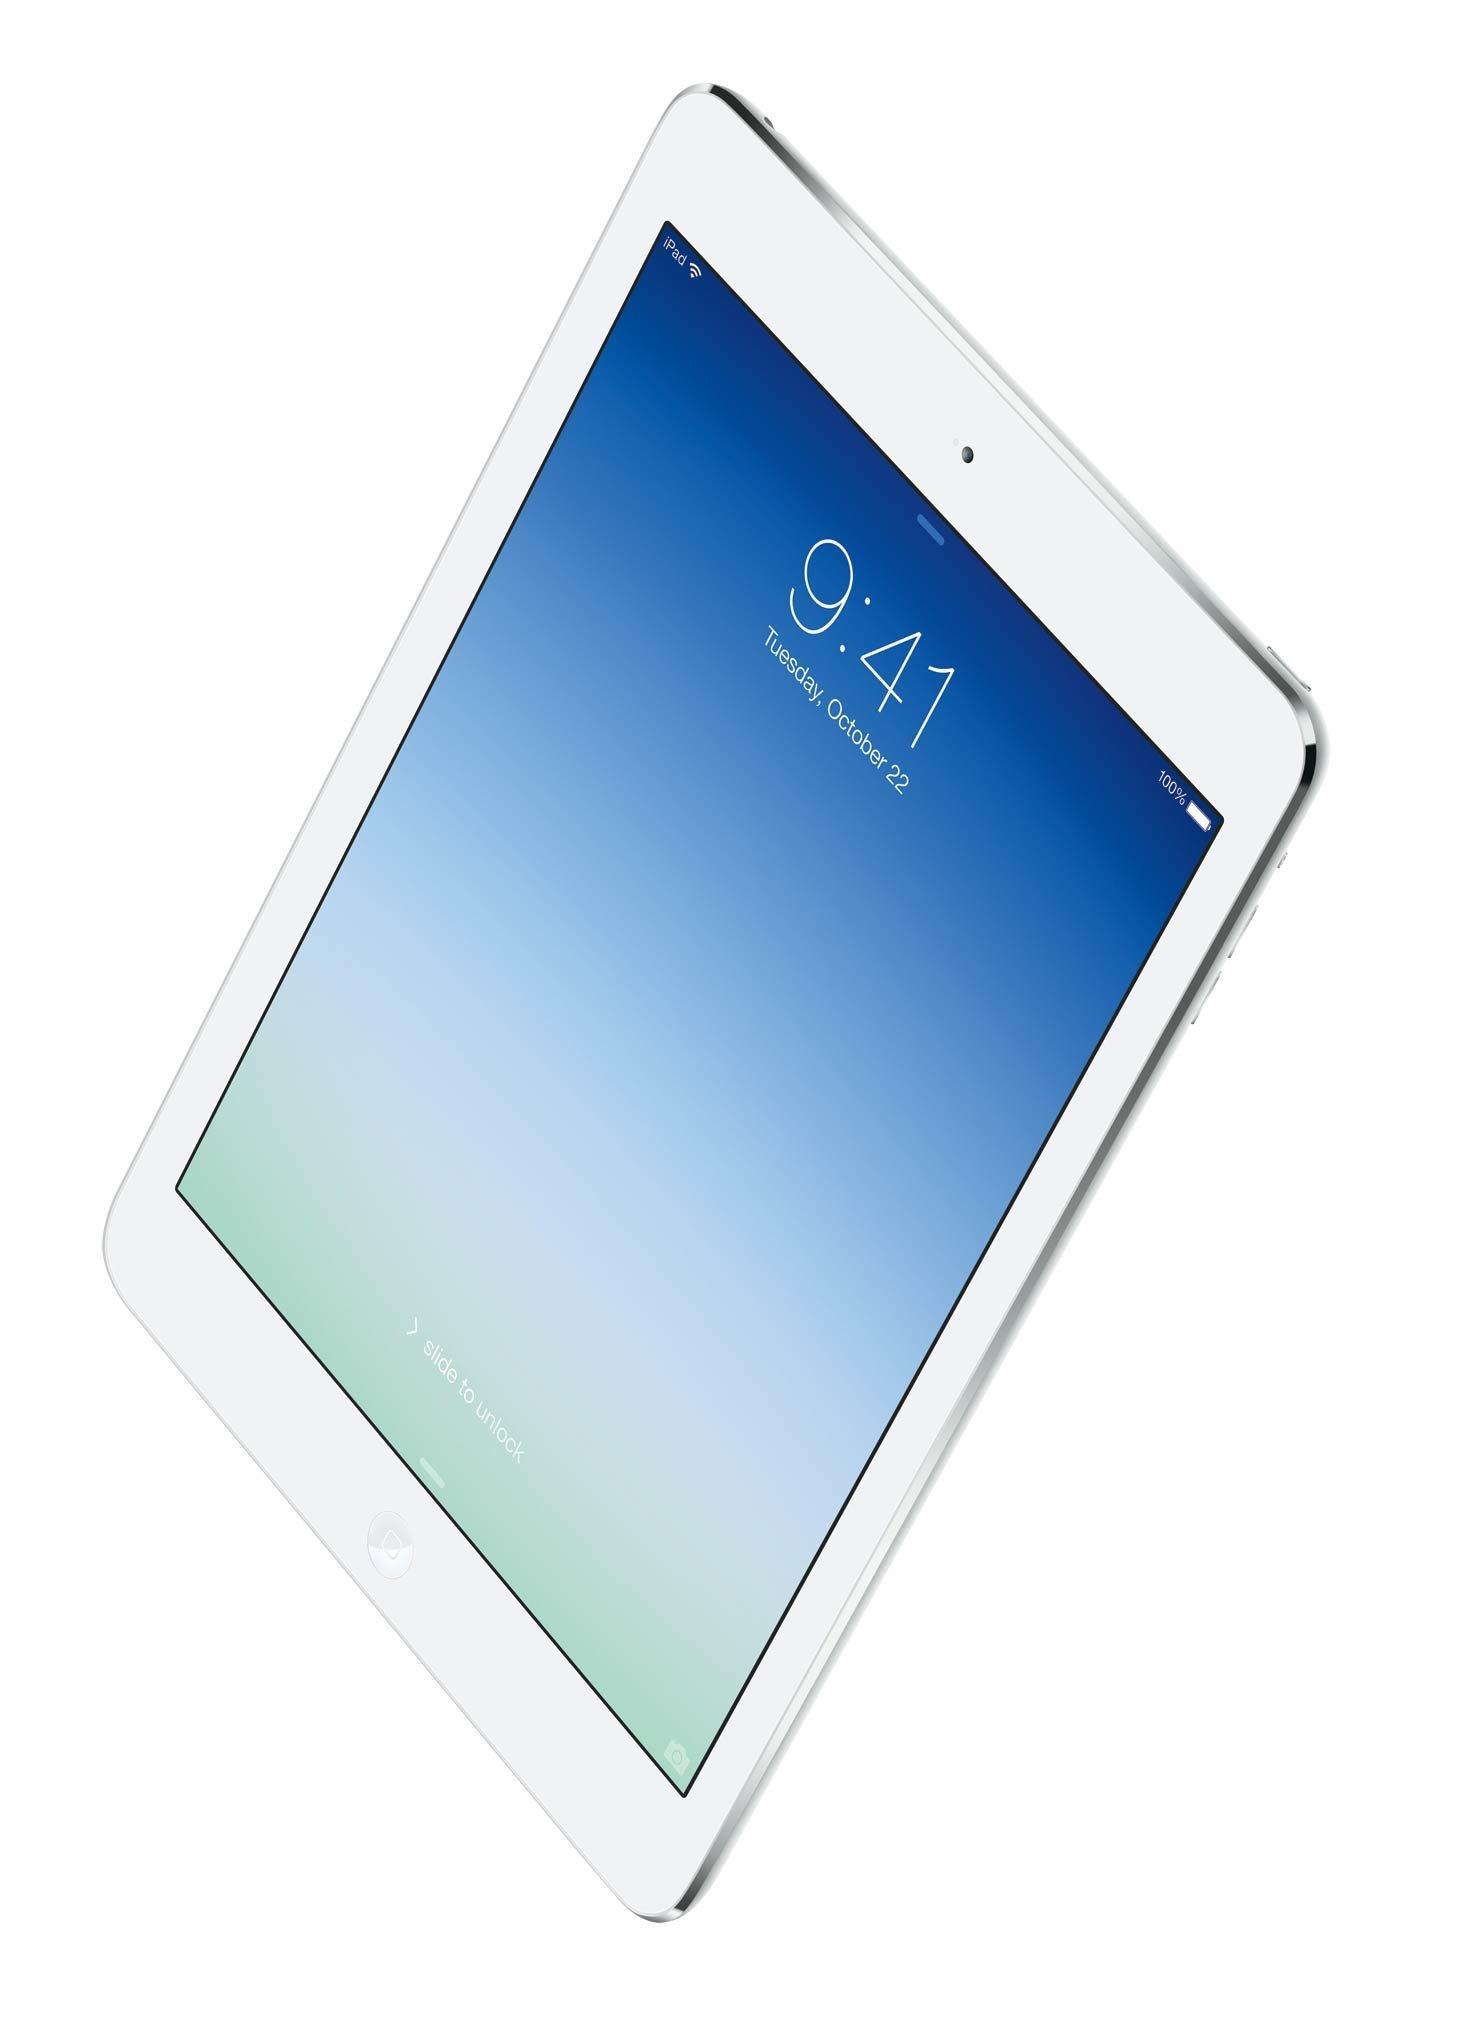 iPhone und iPad per LAN-kabel mit dem Internet verbinden | Macnotes.de